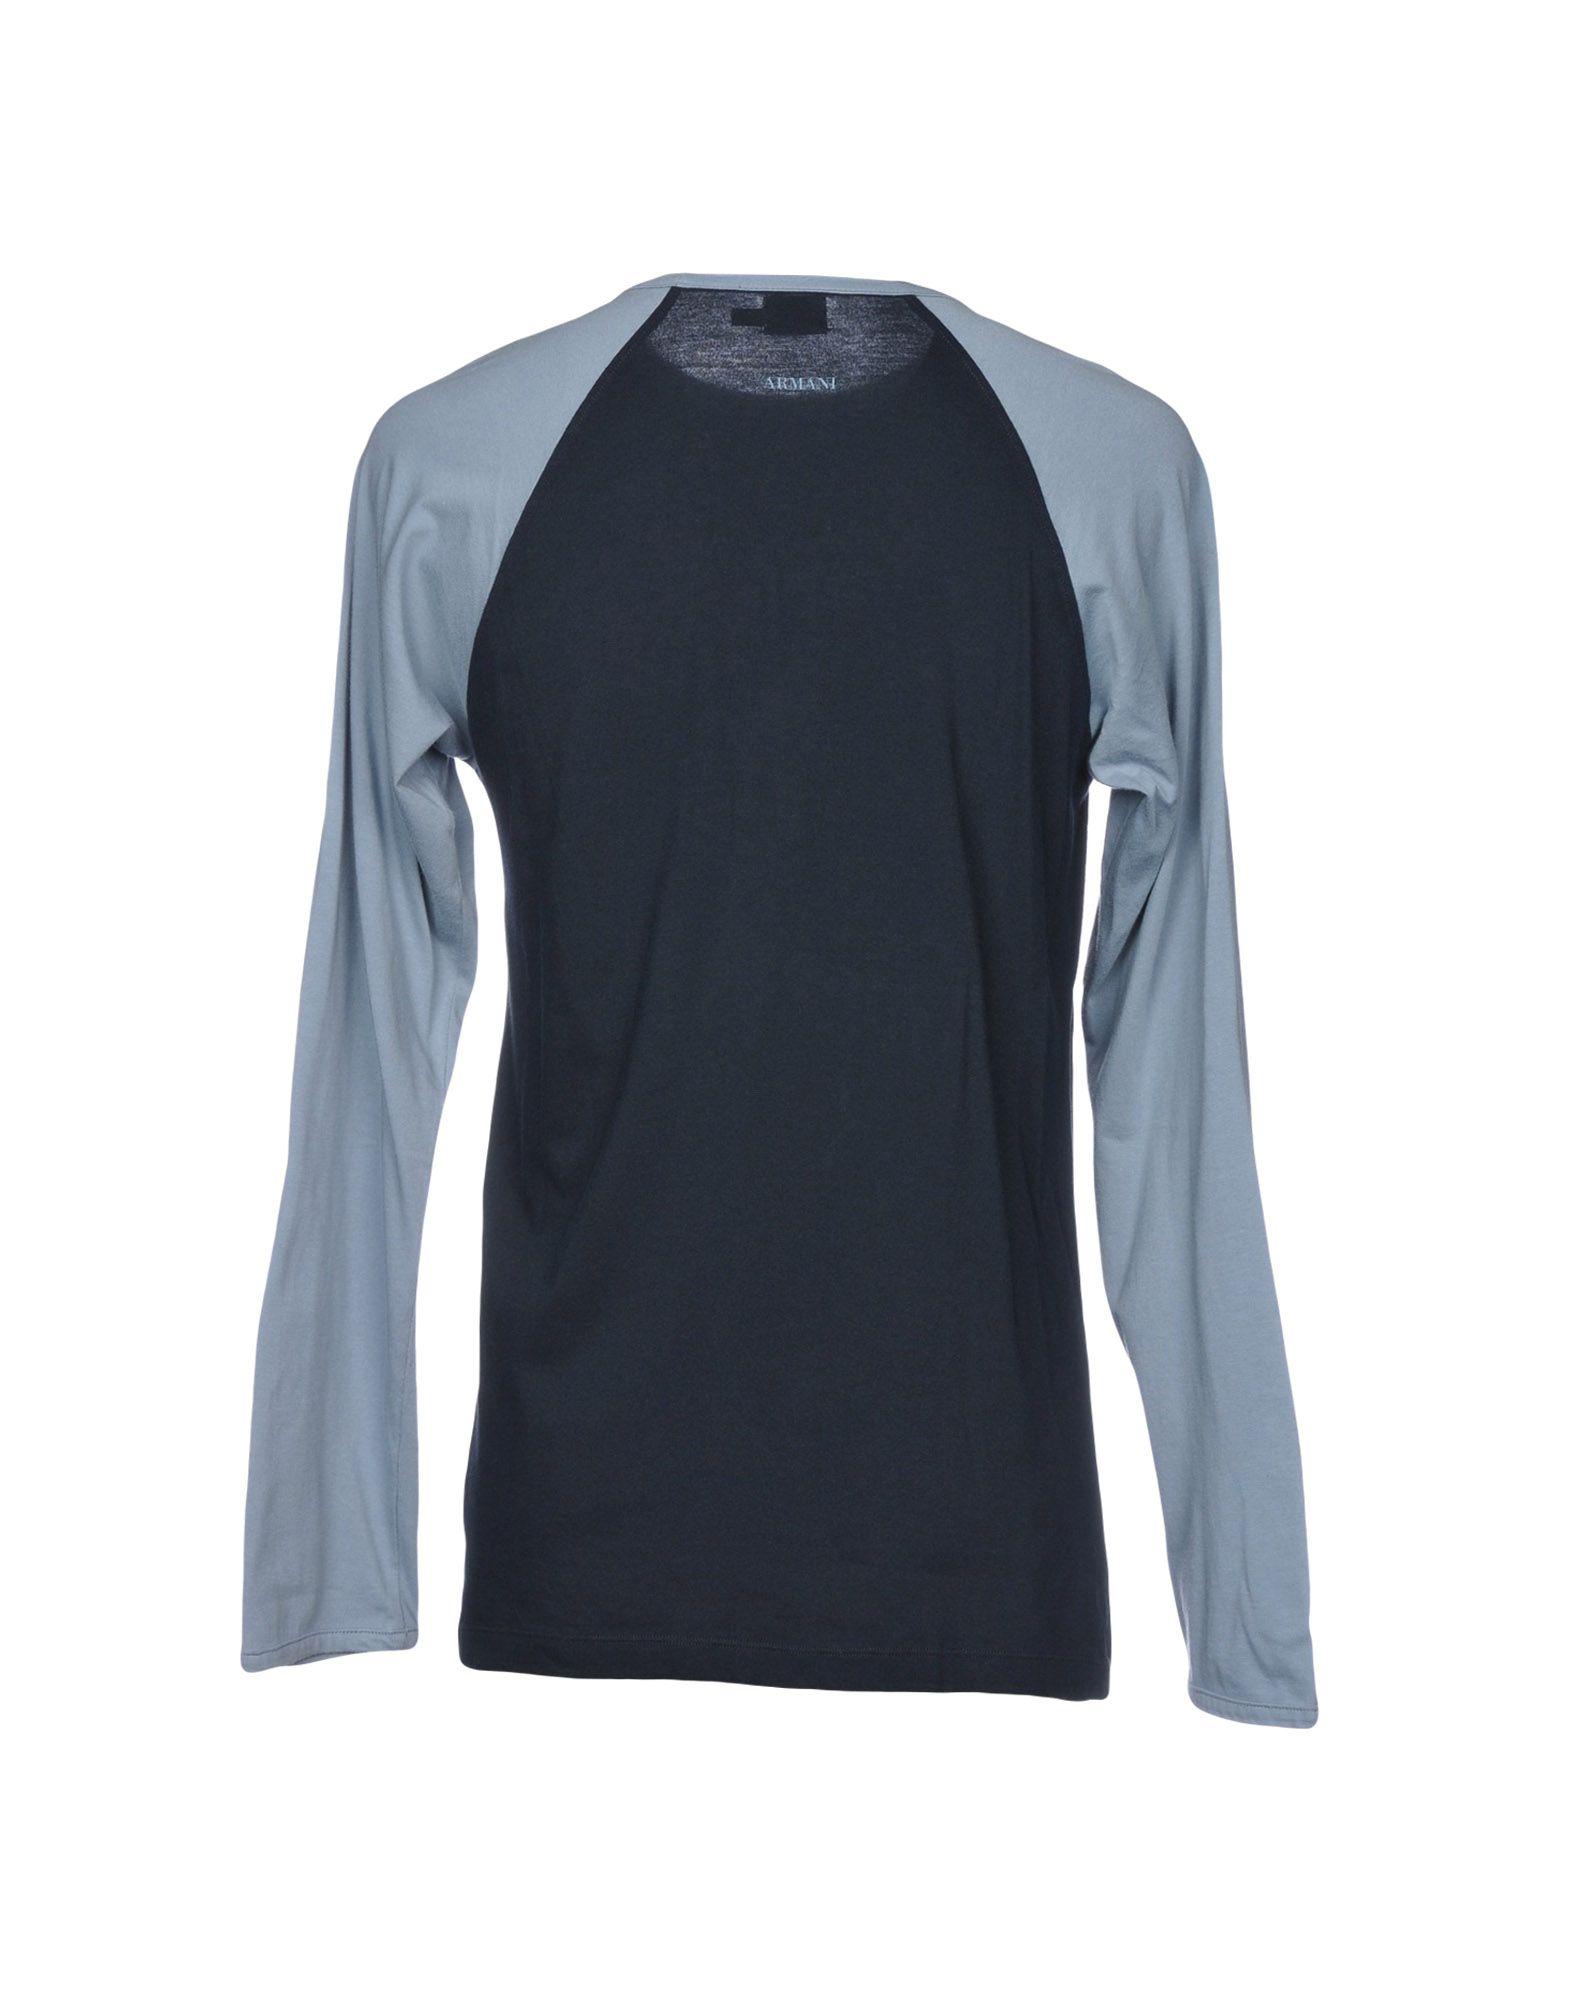 T-Shirt Armani Collezioni Uomo Uomo Collezioni - 12182829VF 8f7f2a